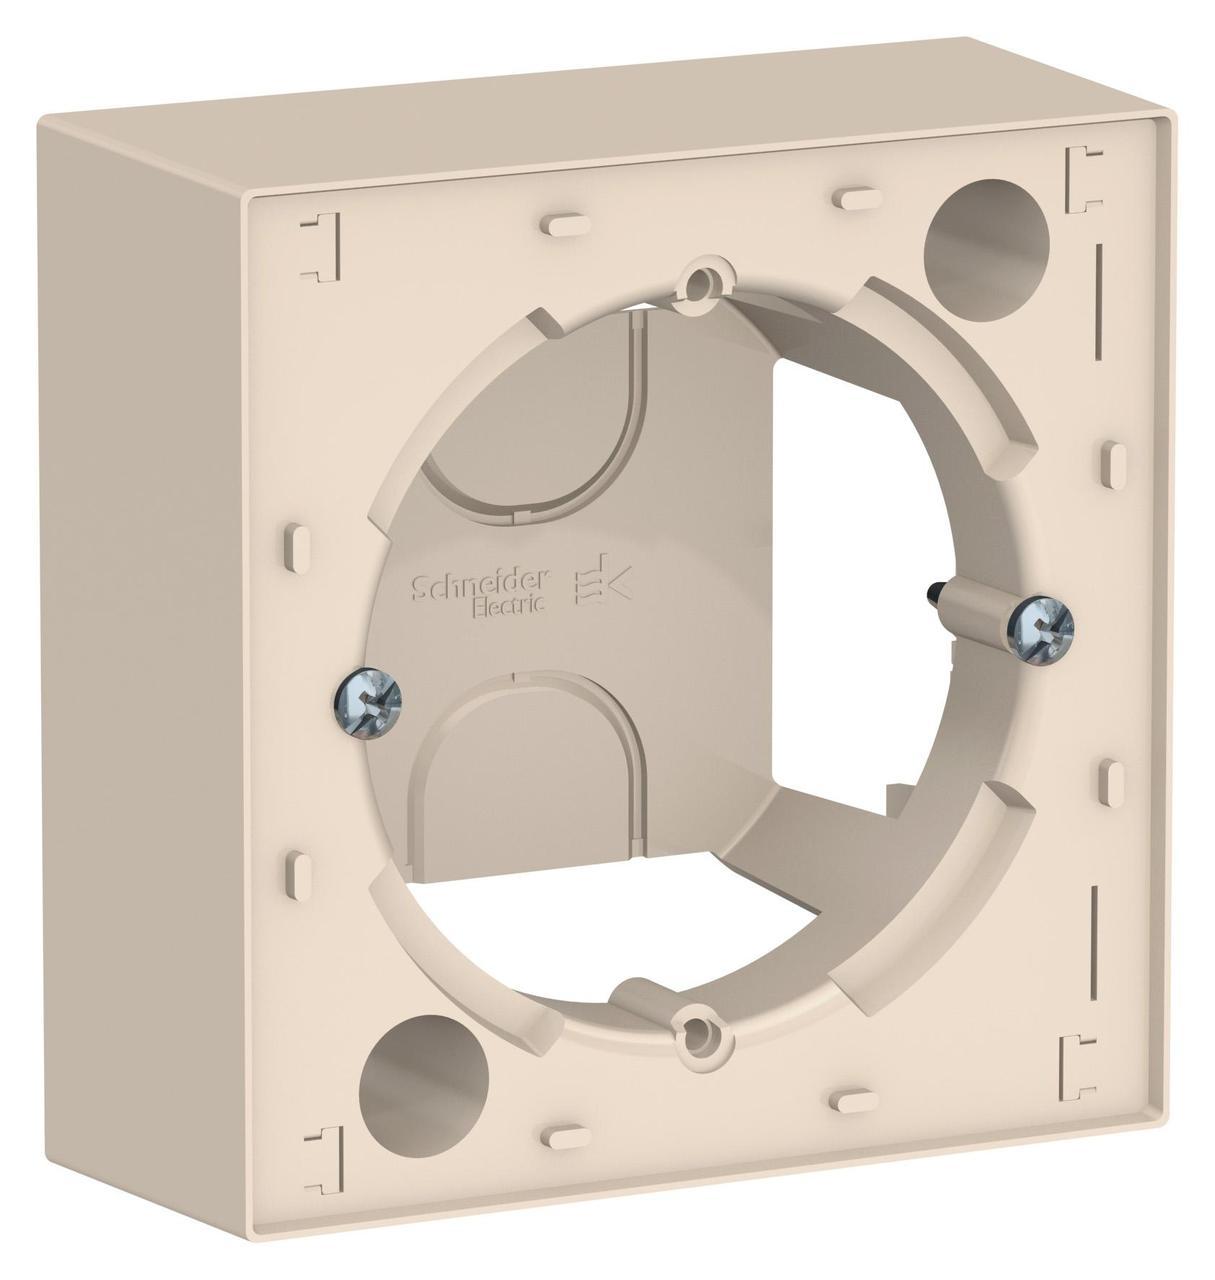 Рамка подъемная 1-ая , Бежевый, серия Atlas Design, Schneider Electric